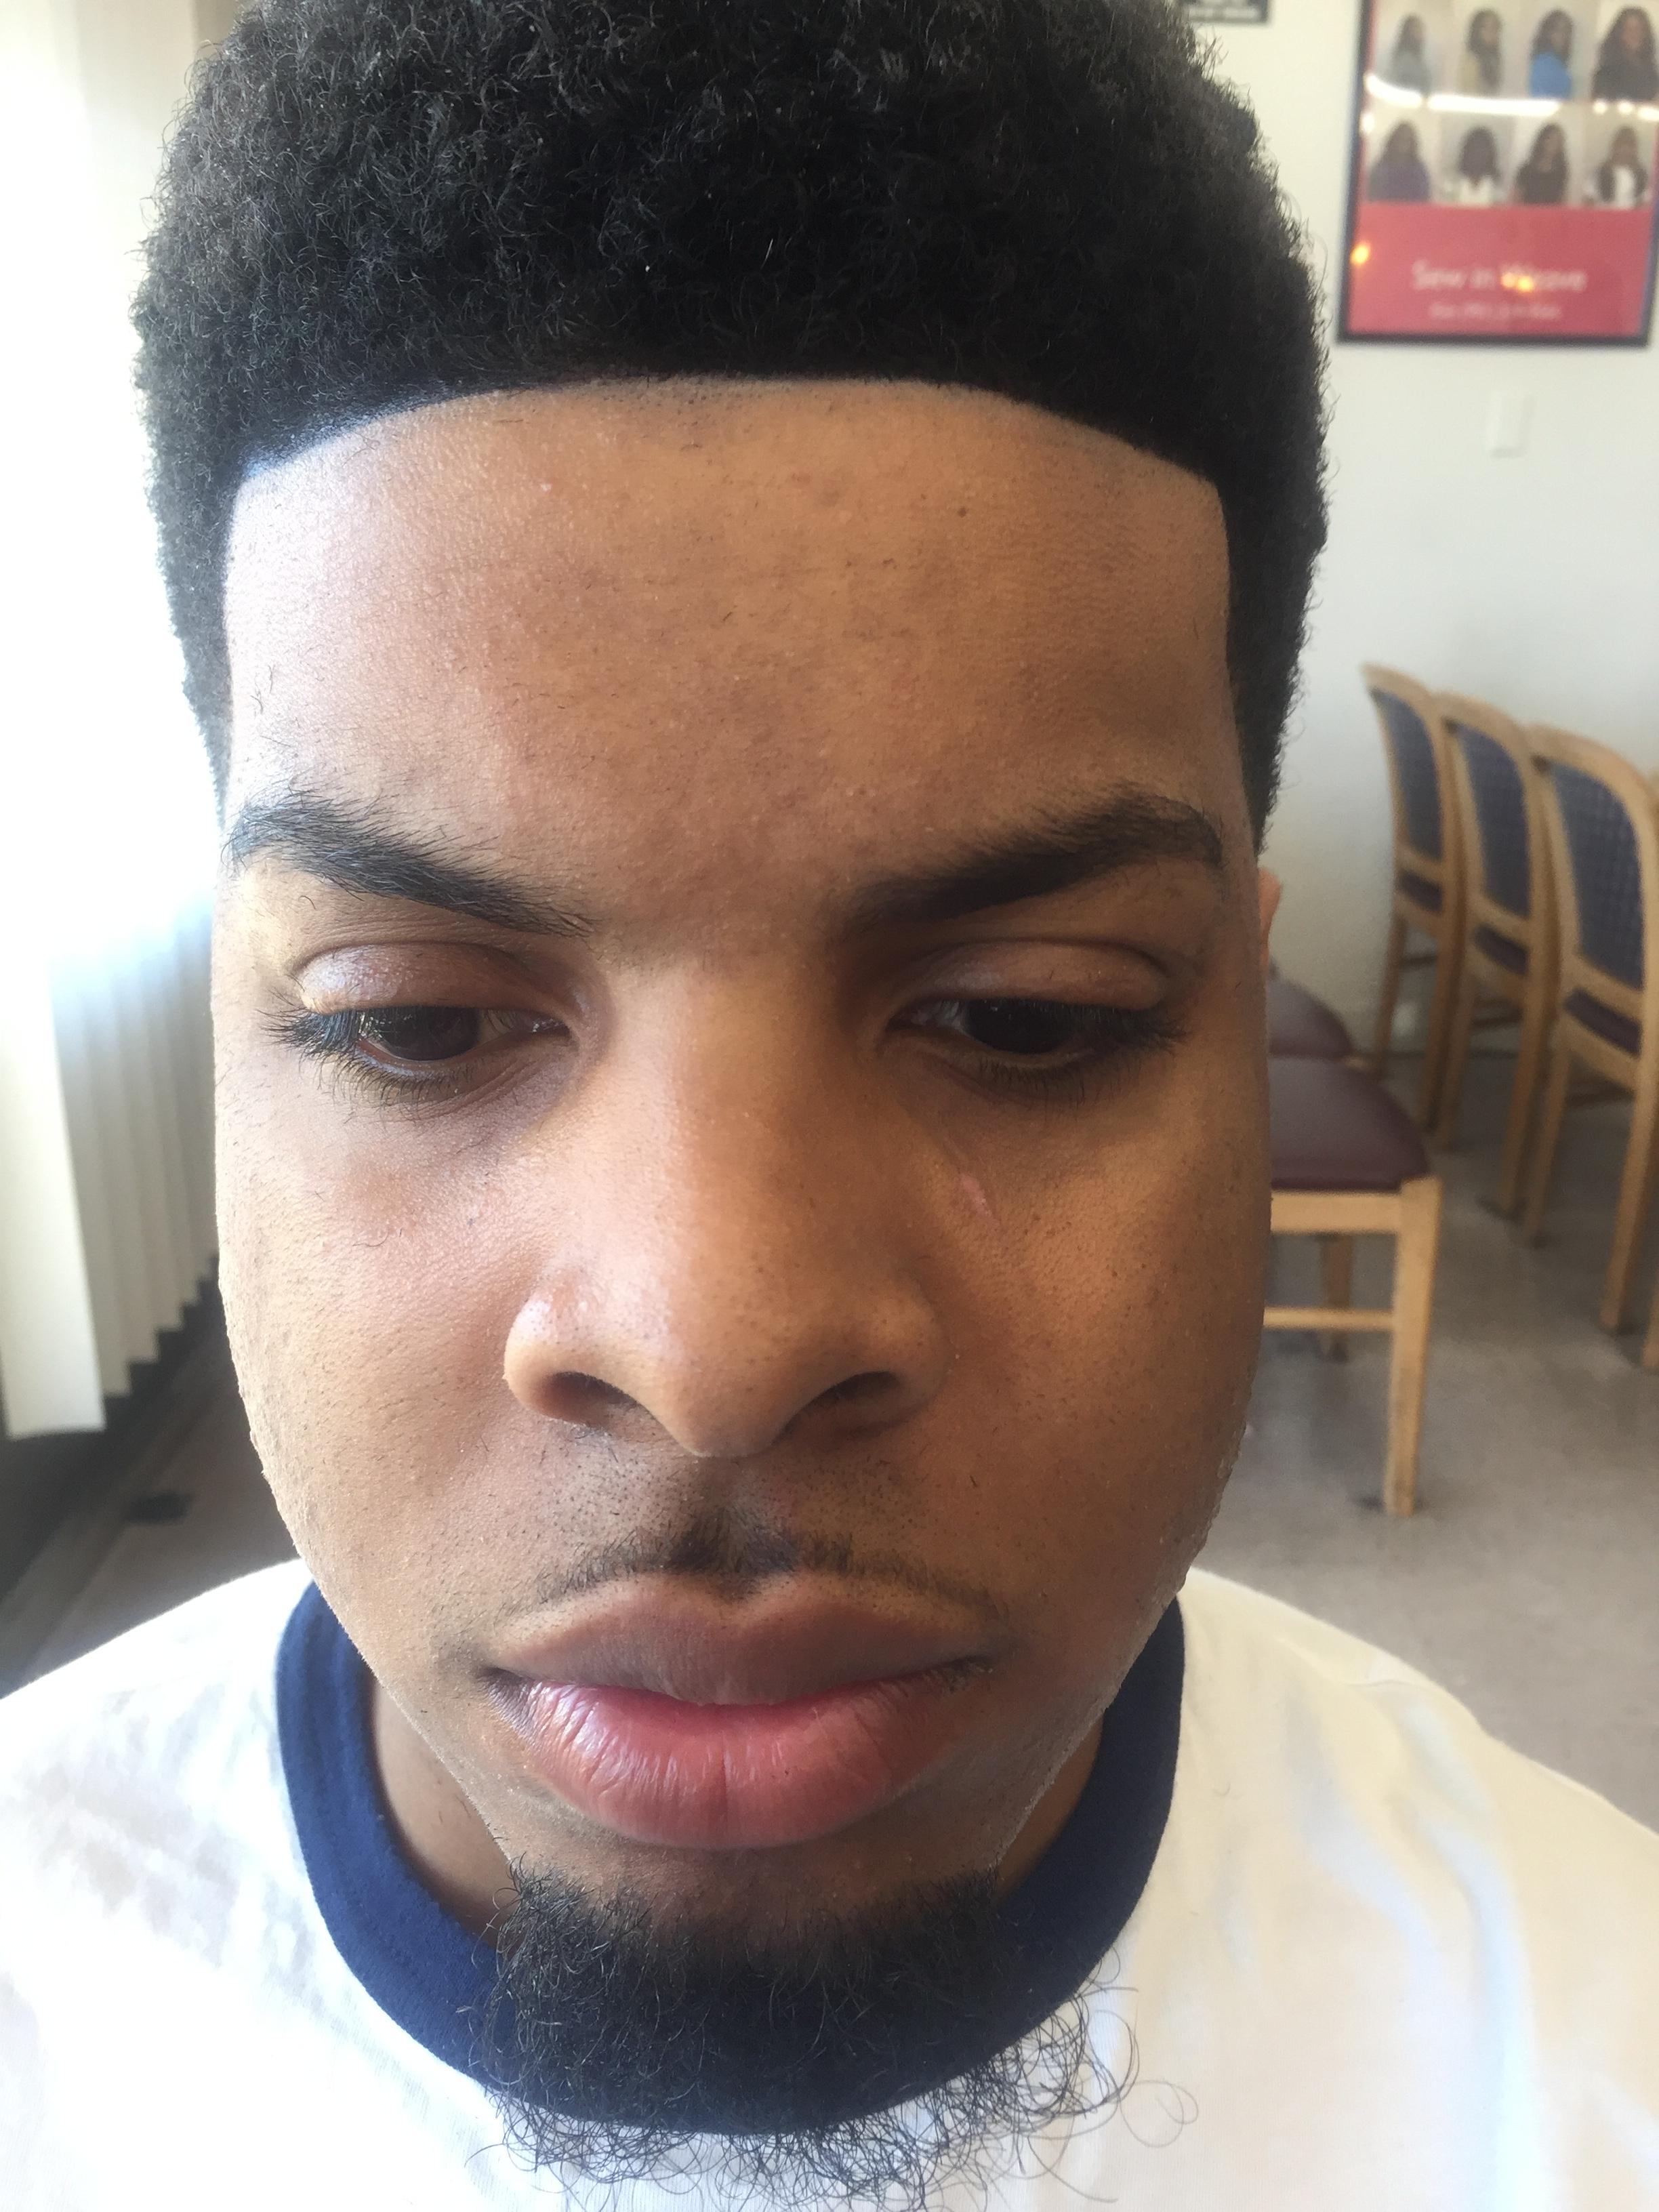 Haircuts and Razorlines image 16